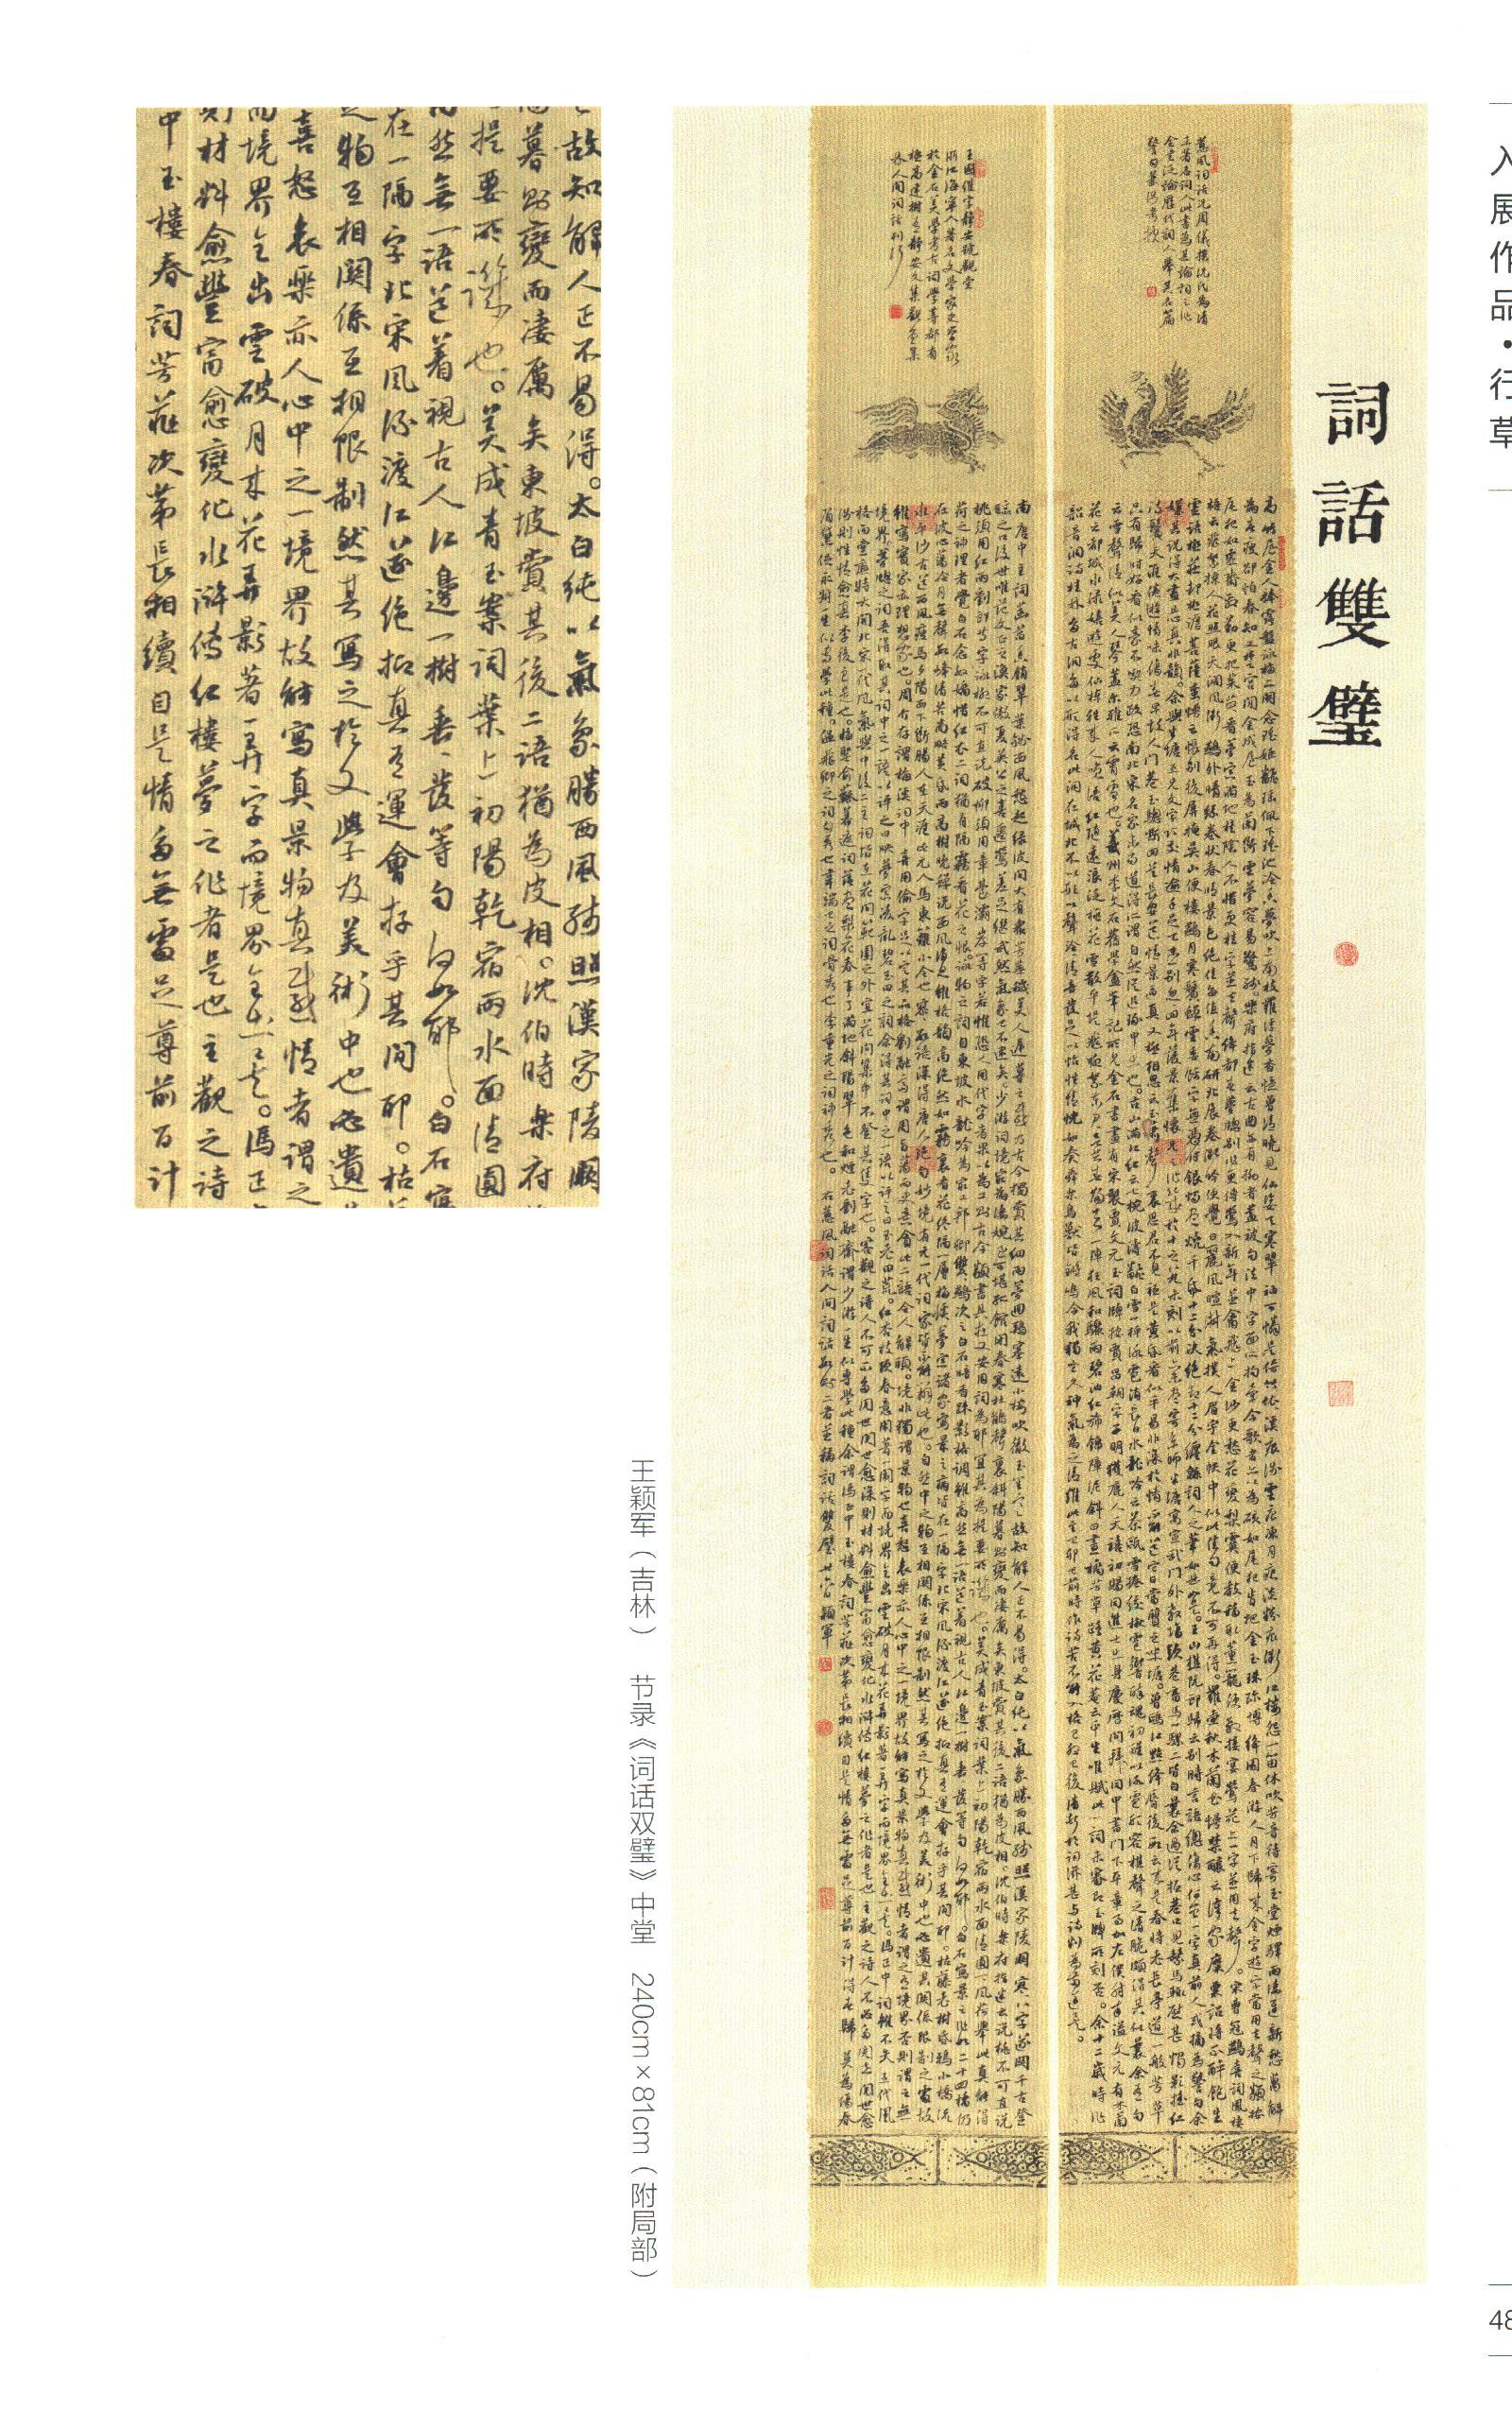 吉林王颖军书法作品欣赏(含十一届国展入展行草书作品)